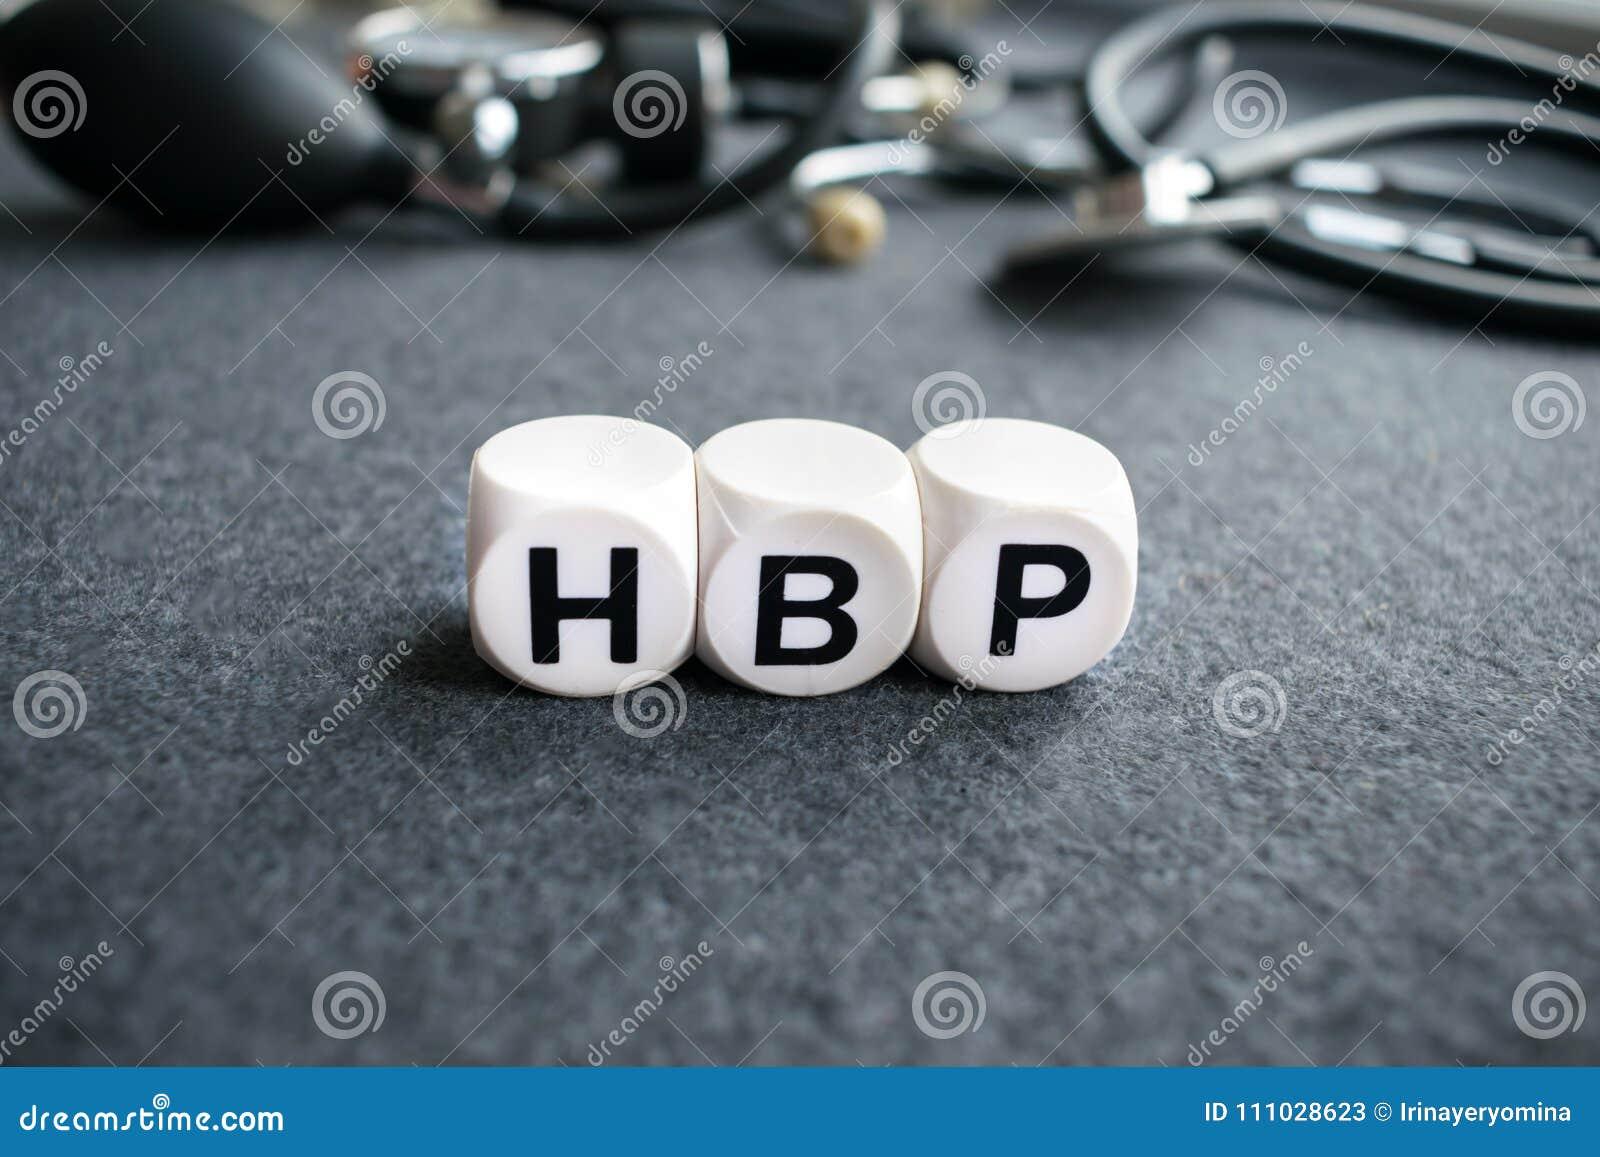 Abreviatura médica para hipertensión